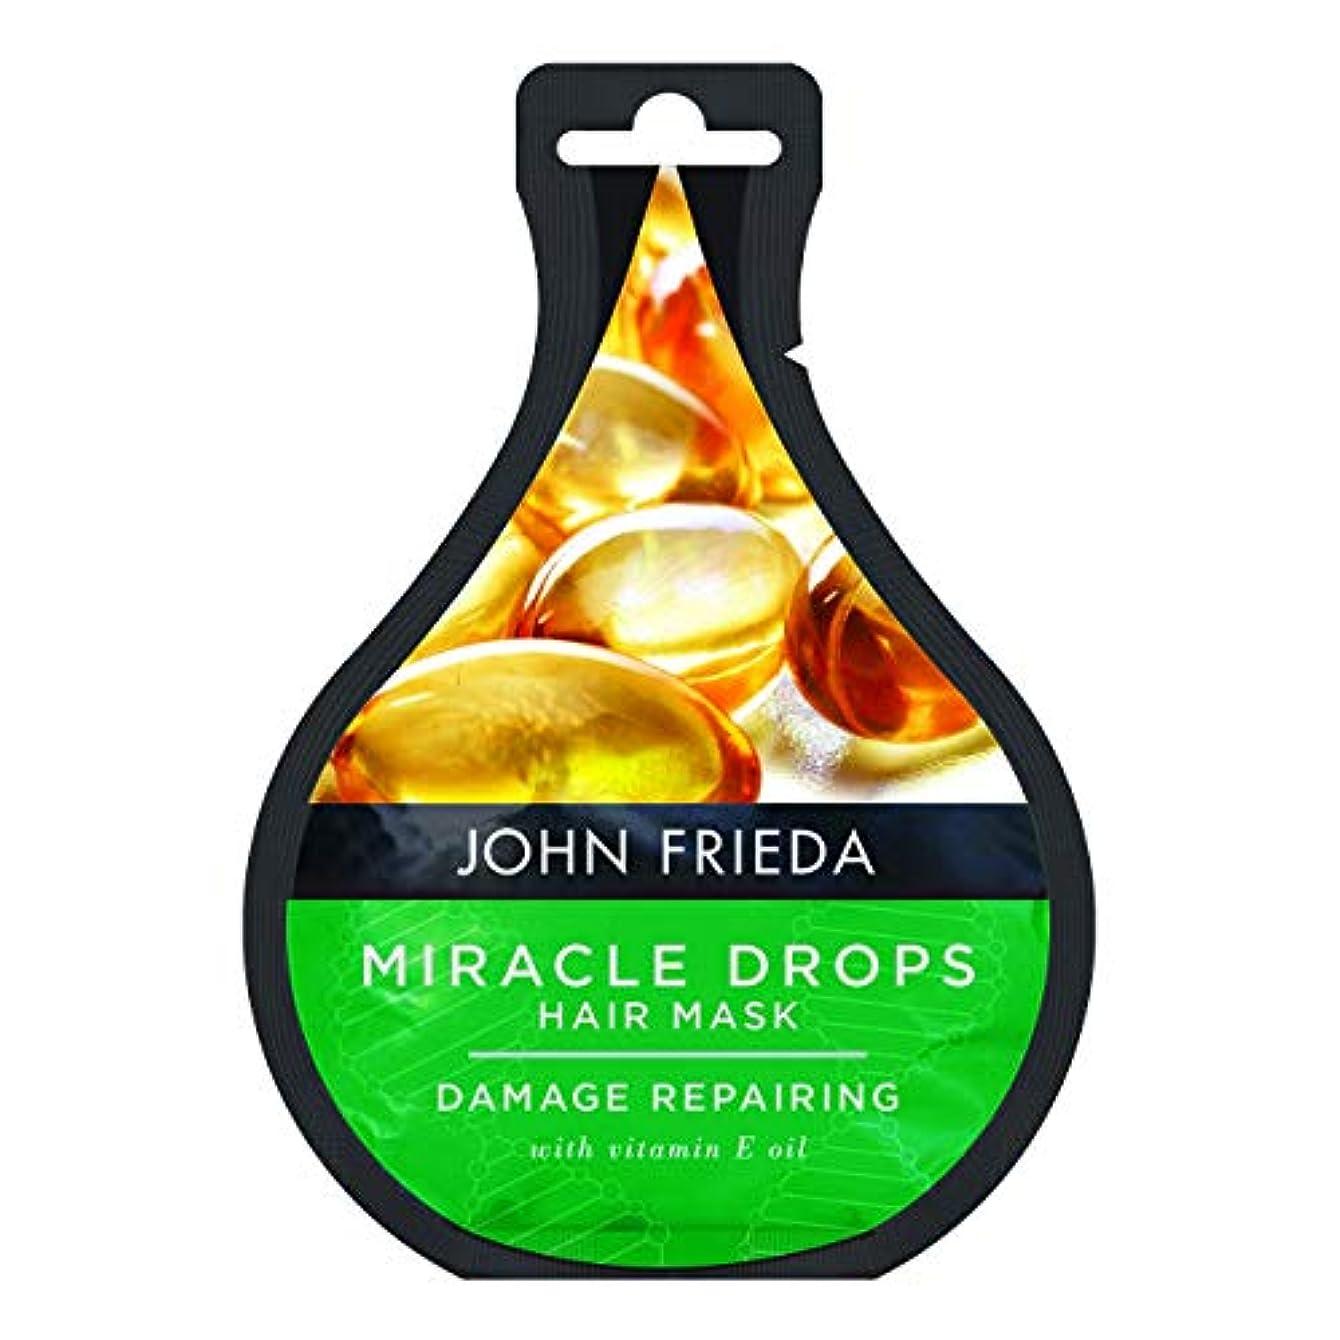 応用トロピカル鉛John Frieda Miracleがダメージを受けた髪の毛の損傷を修復するヘアマスクを落とします。25 ml